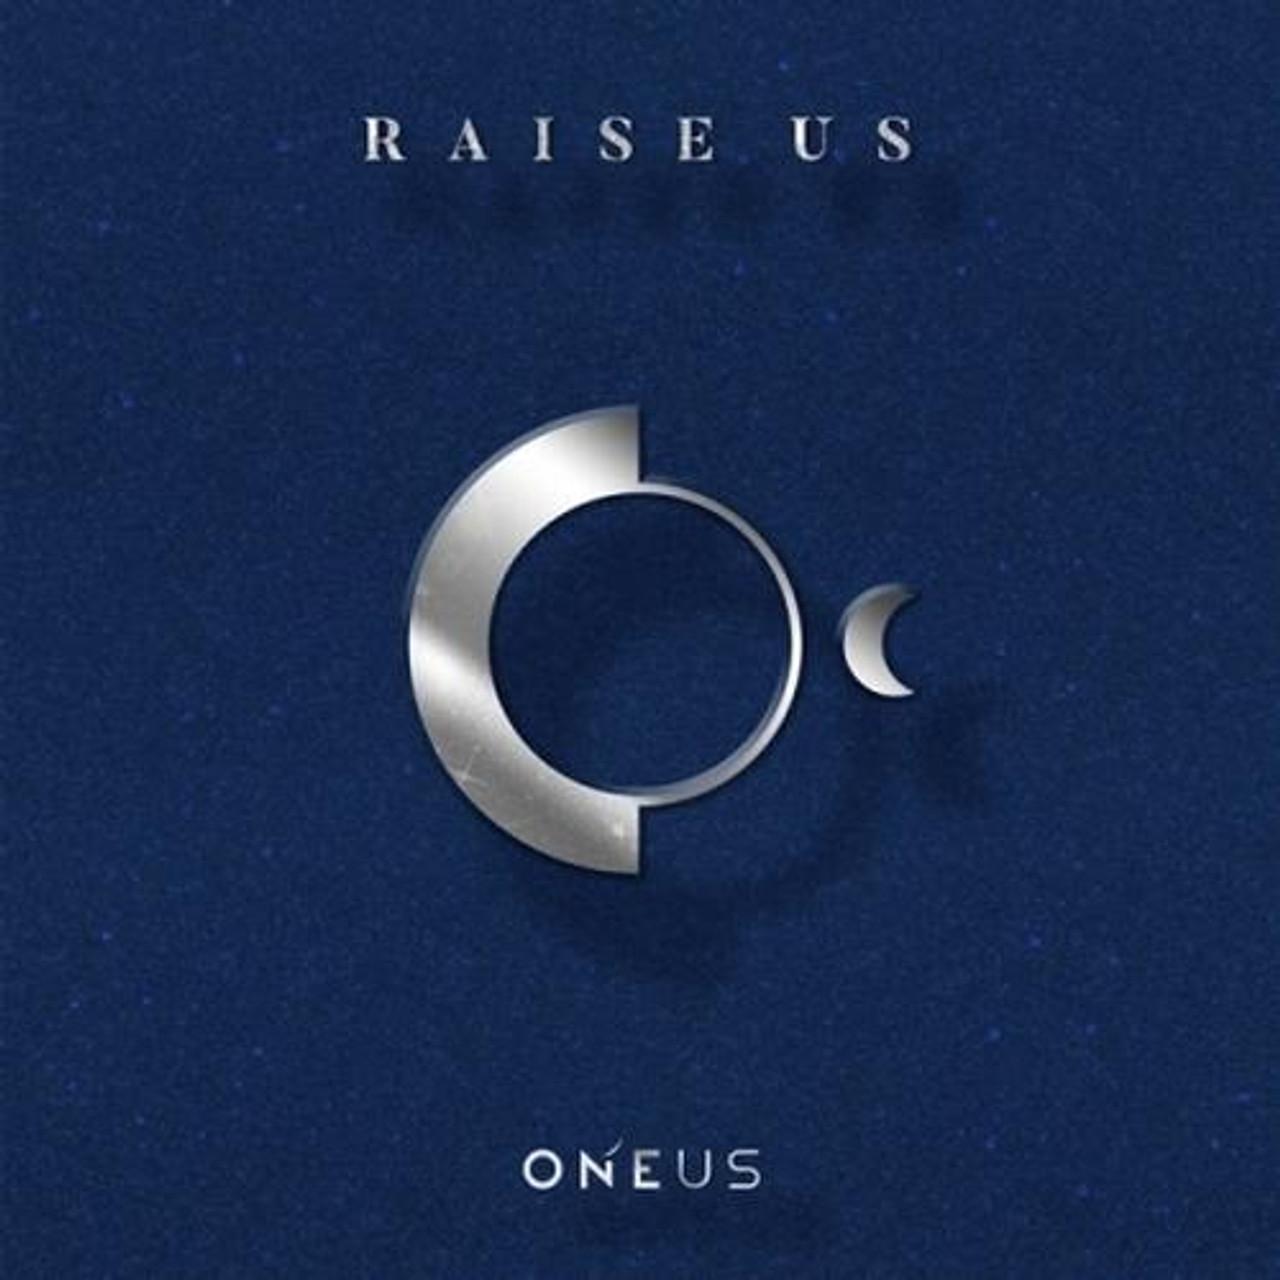 ONEUS - 2nd Mini [RAISE US] (Dawn Ver.)